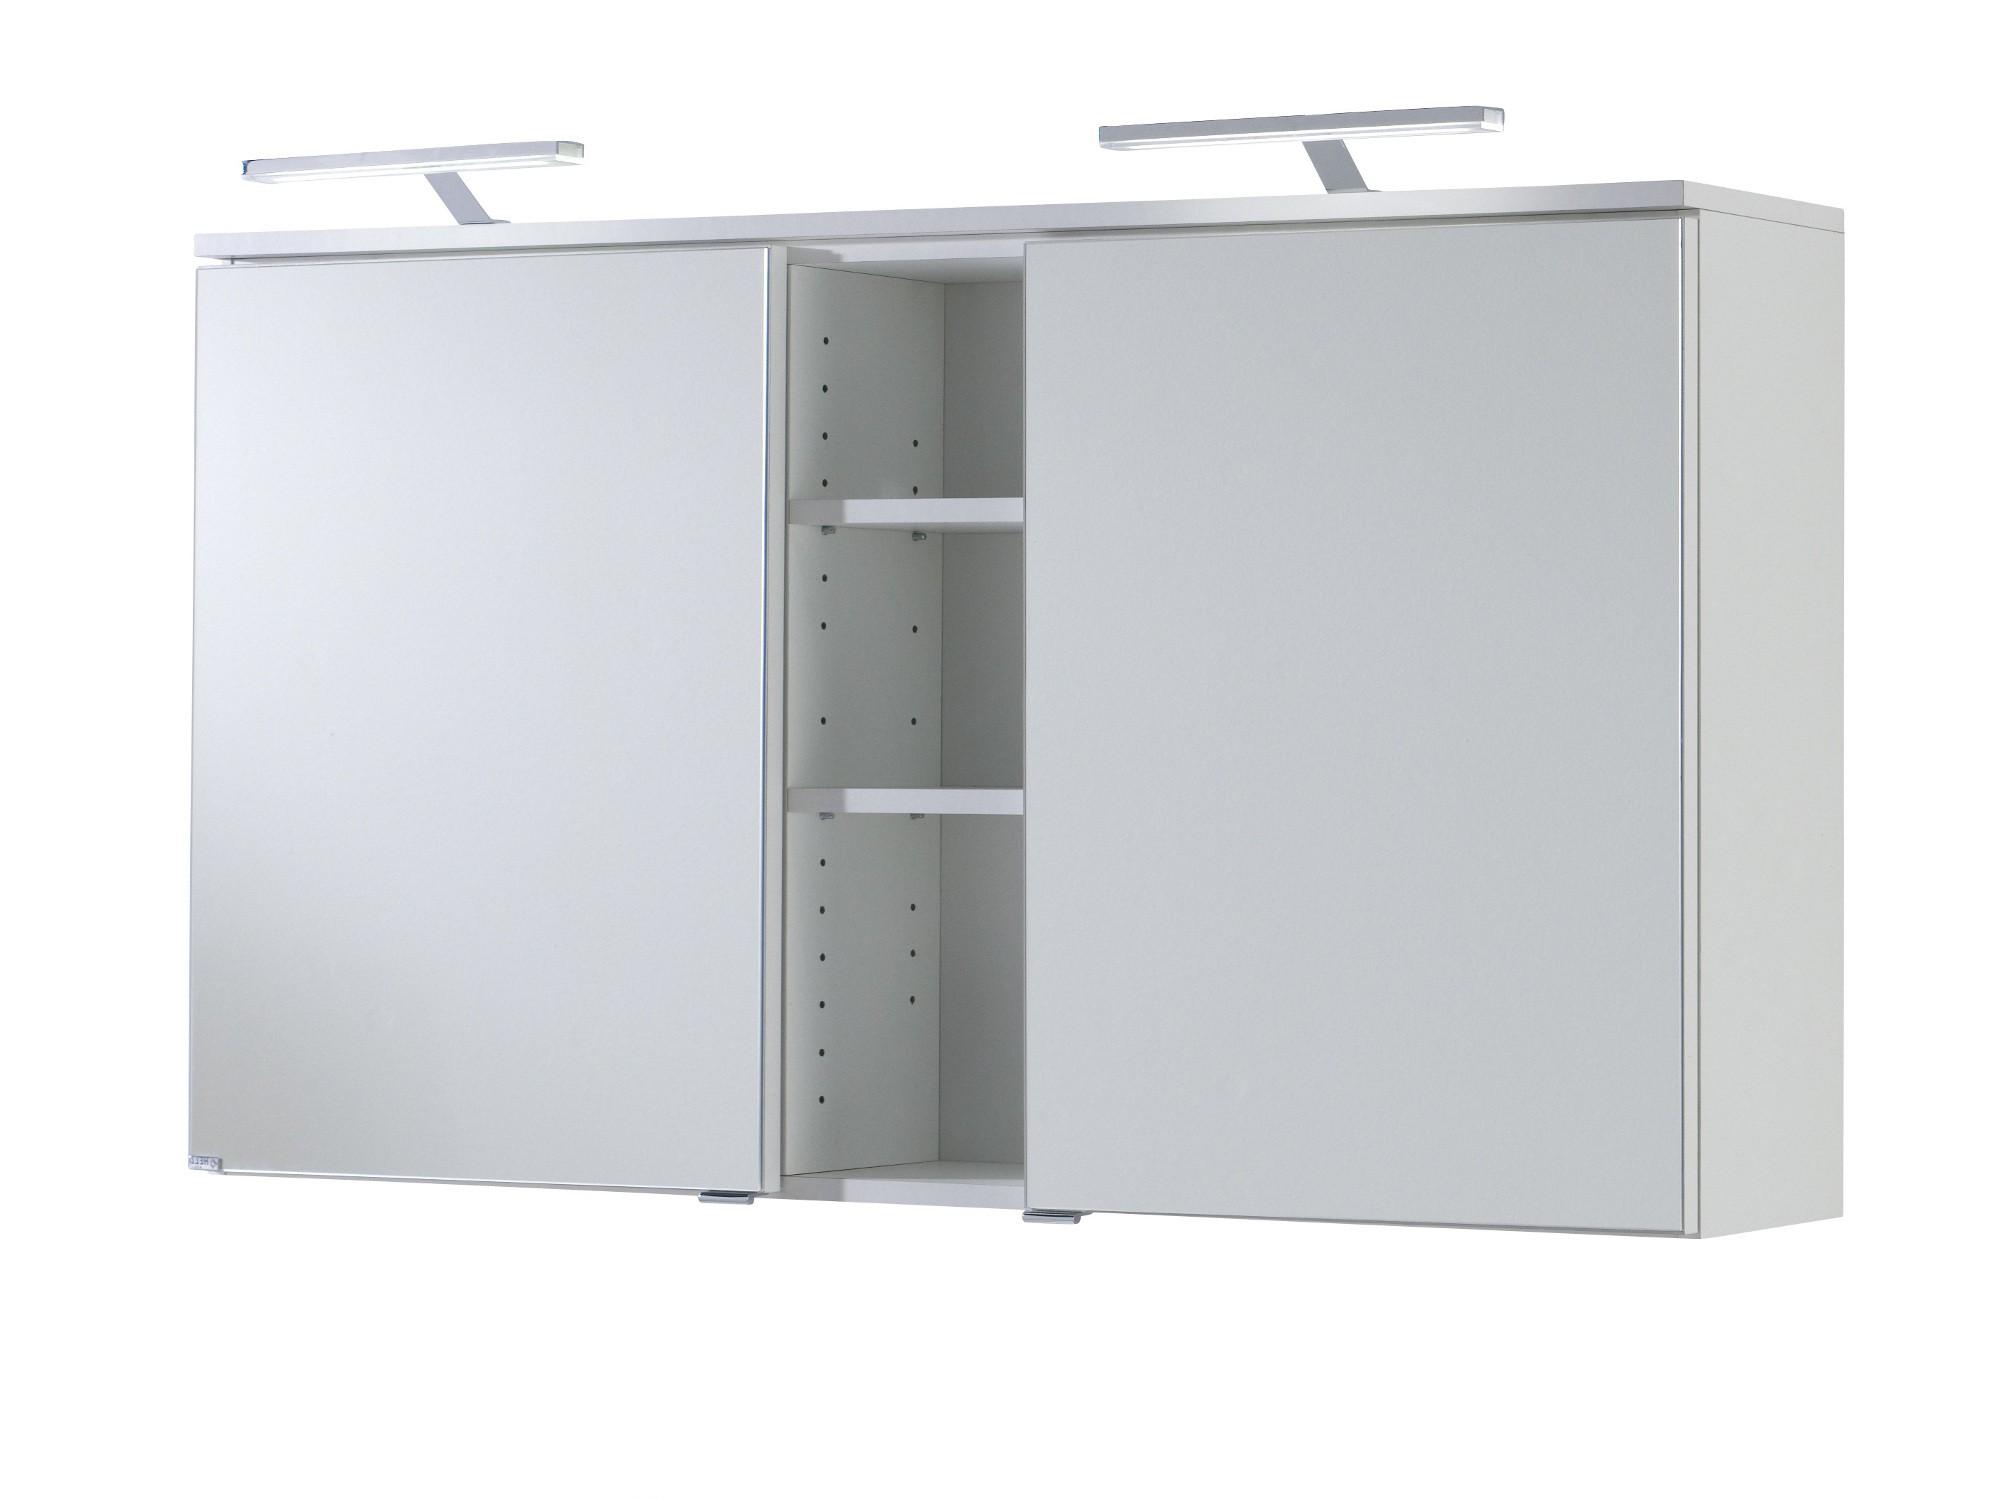 Bad-Spiegelschrank MAILAND - 2-türig, mit LED-Aufsatzleuchte - 120 cm breit  - Weiß